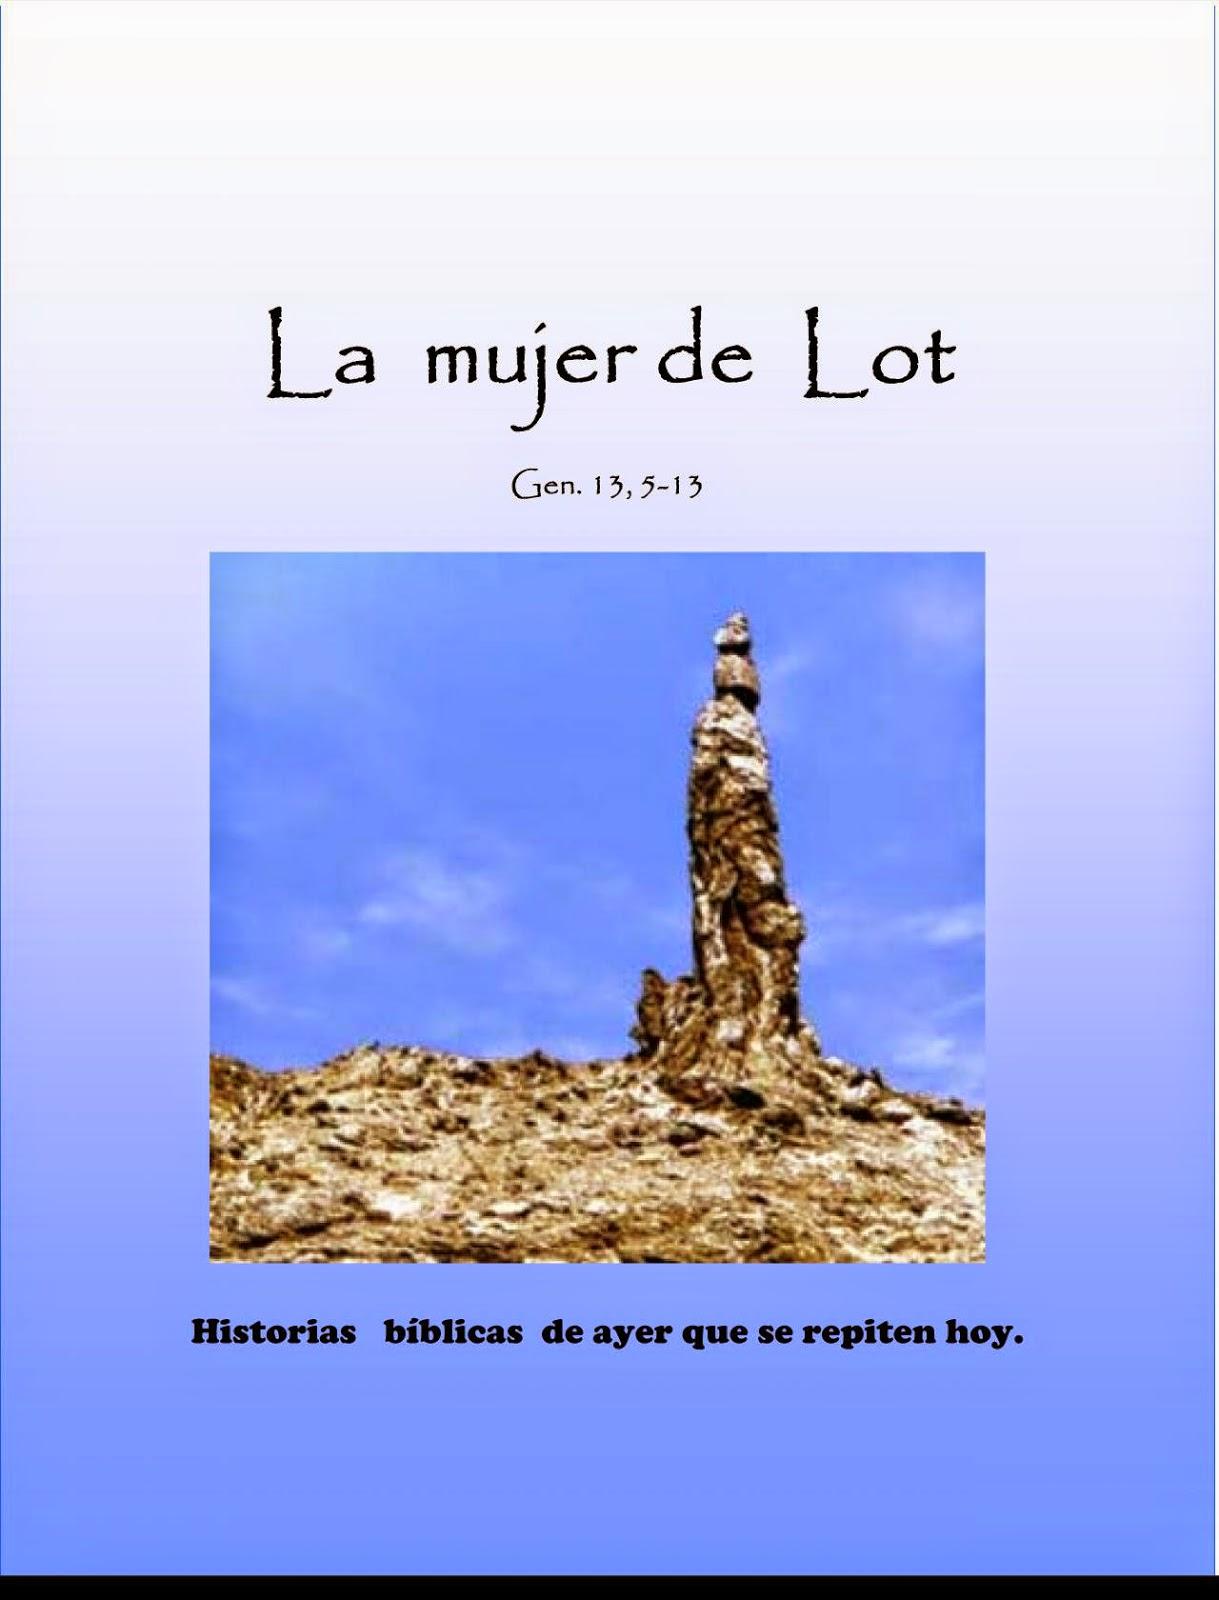 http://martinvalmasedasantillana.blogspot.com/2015/01/la-mujer-de-lot.html